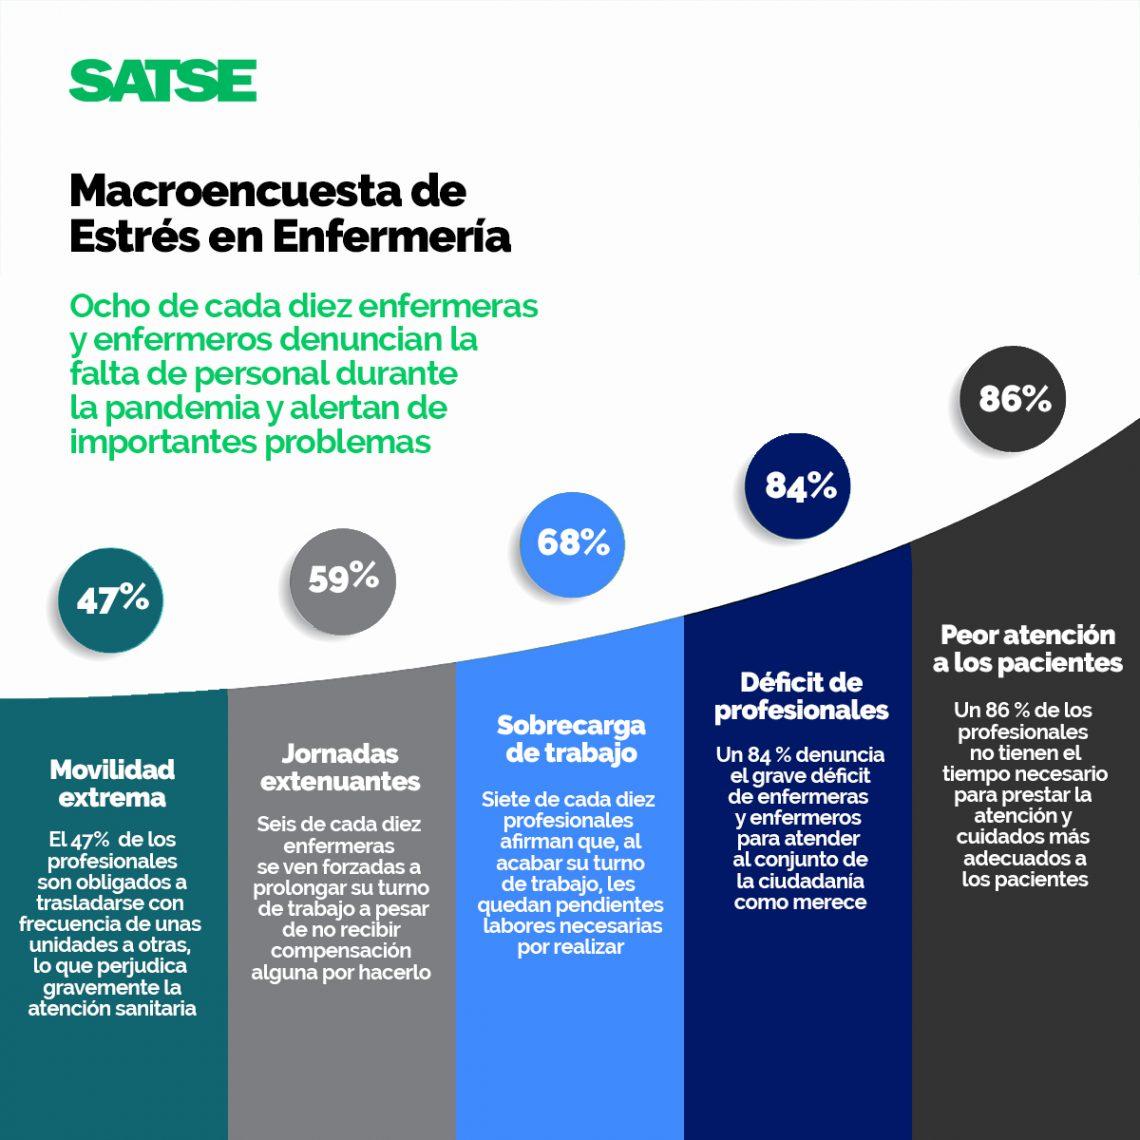 Alarmantes resultados de la macroencuesta de SATSE acerca del estrés en Enfermería